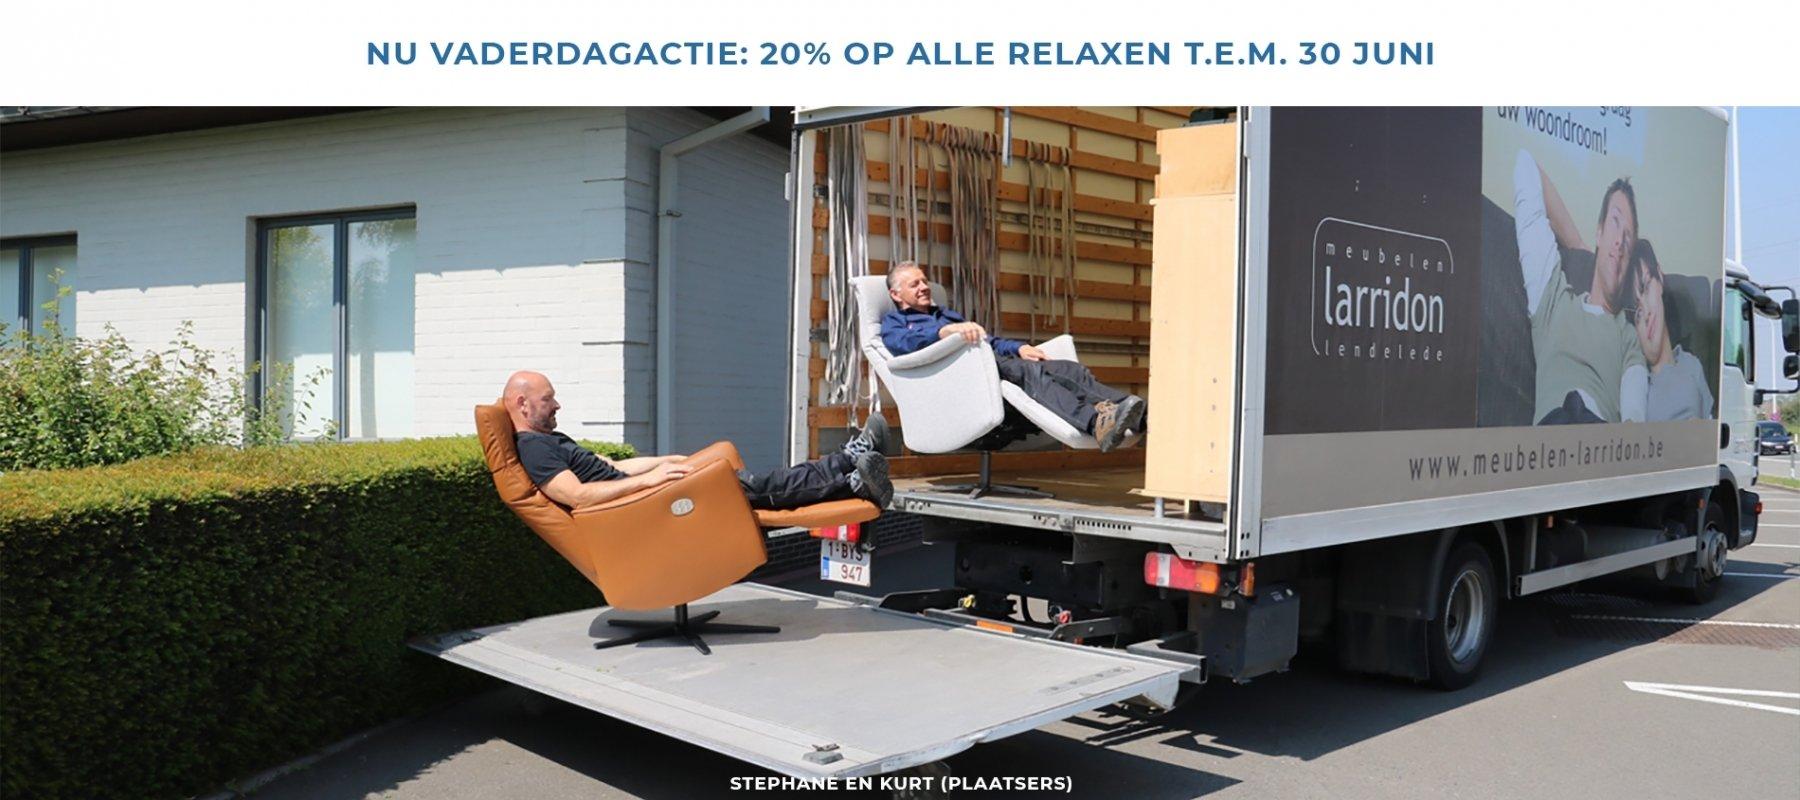 Vaderdagactie: 20% op alle relaxen